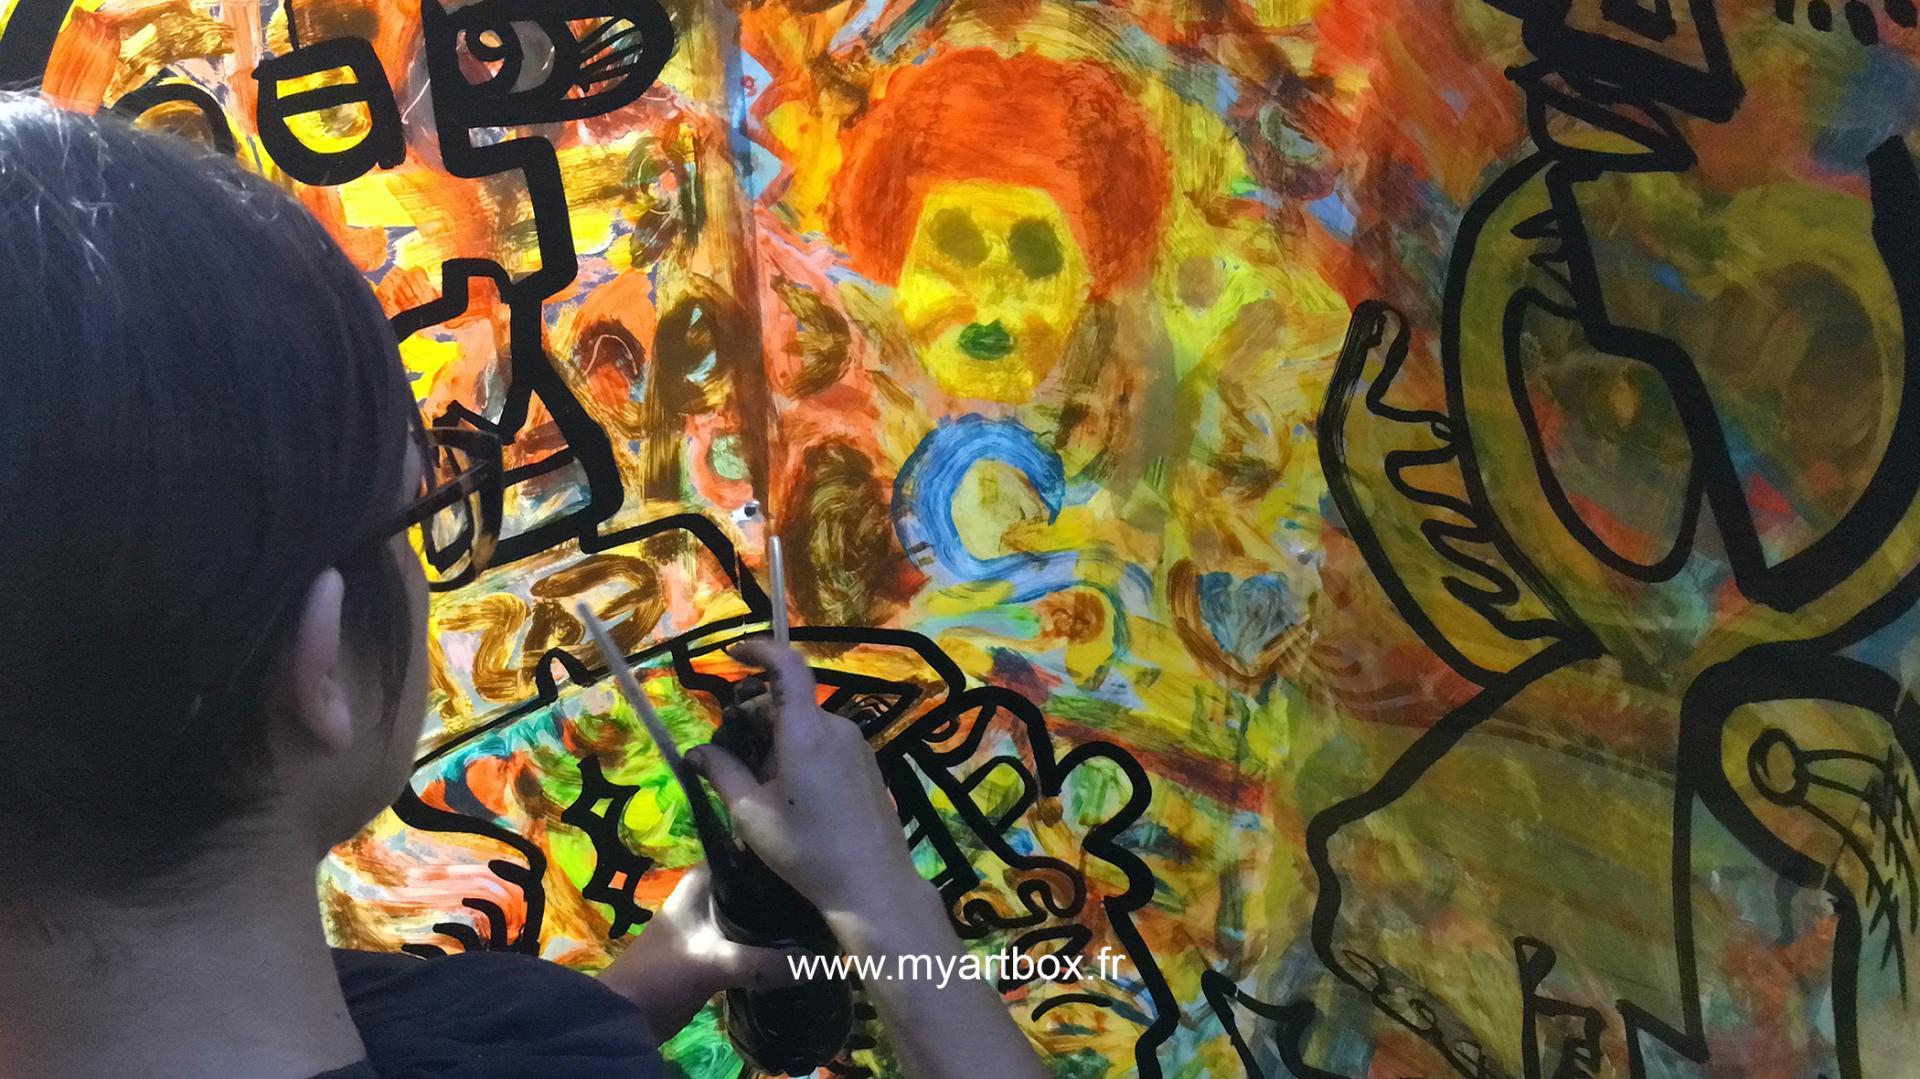 Street artiste 5